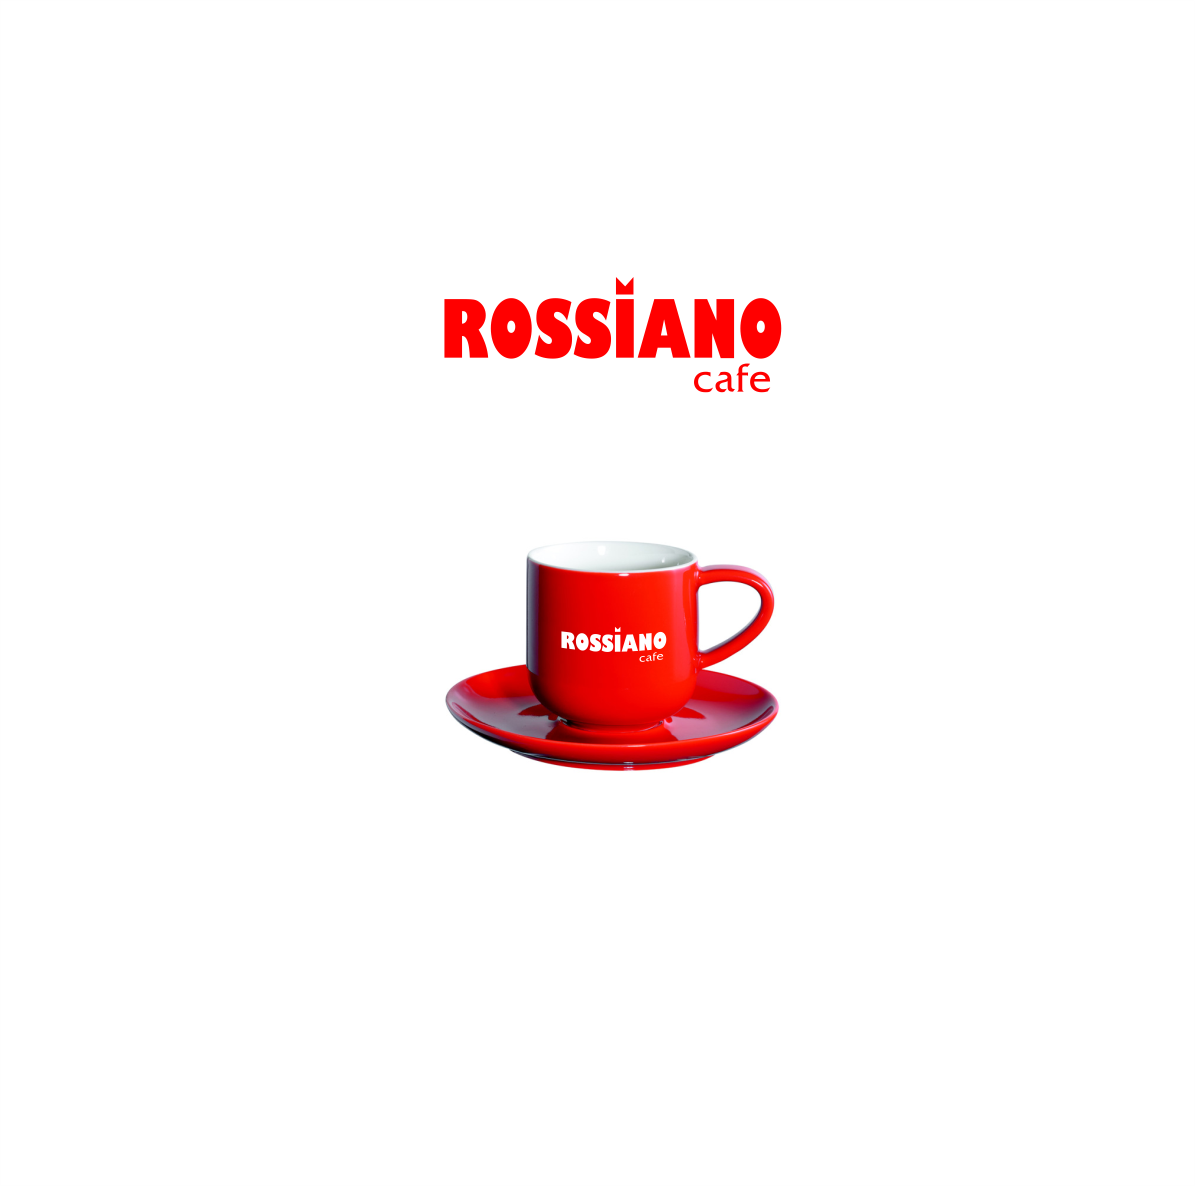 Логотип для кофейного бренда «Rossiano cafe». фото f_82657b8d19e9e43b.png